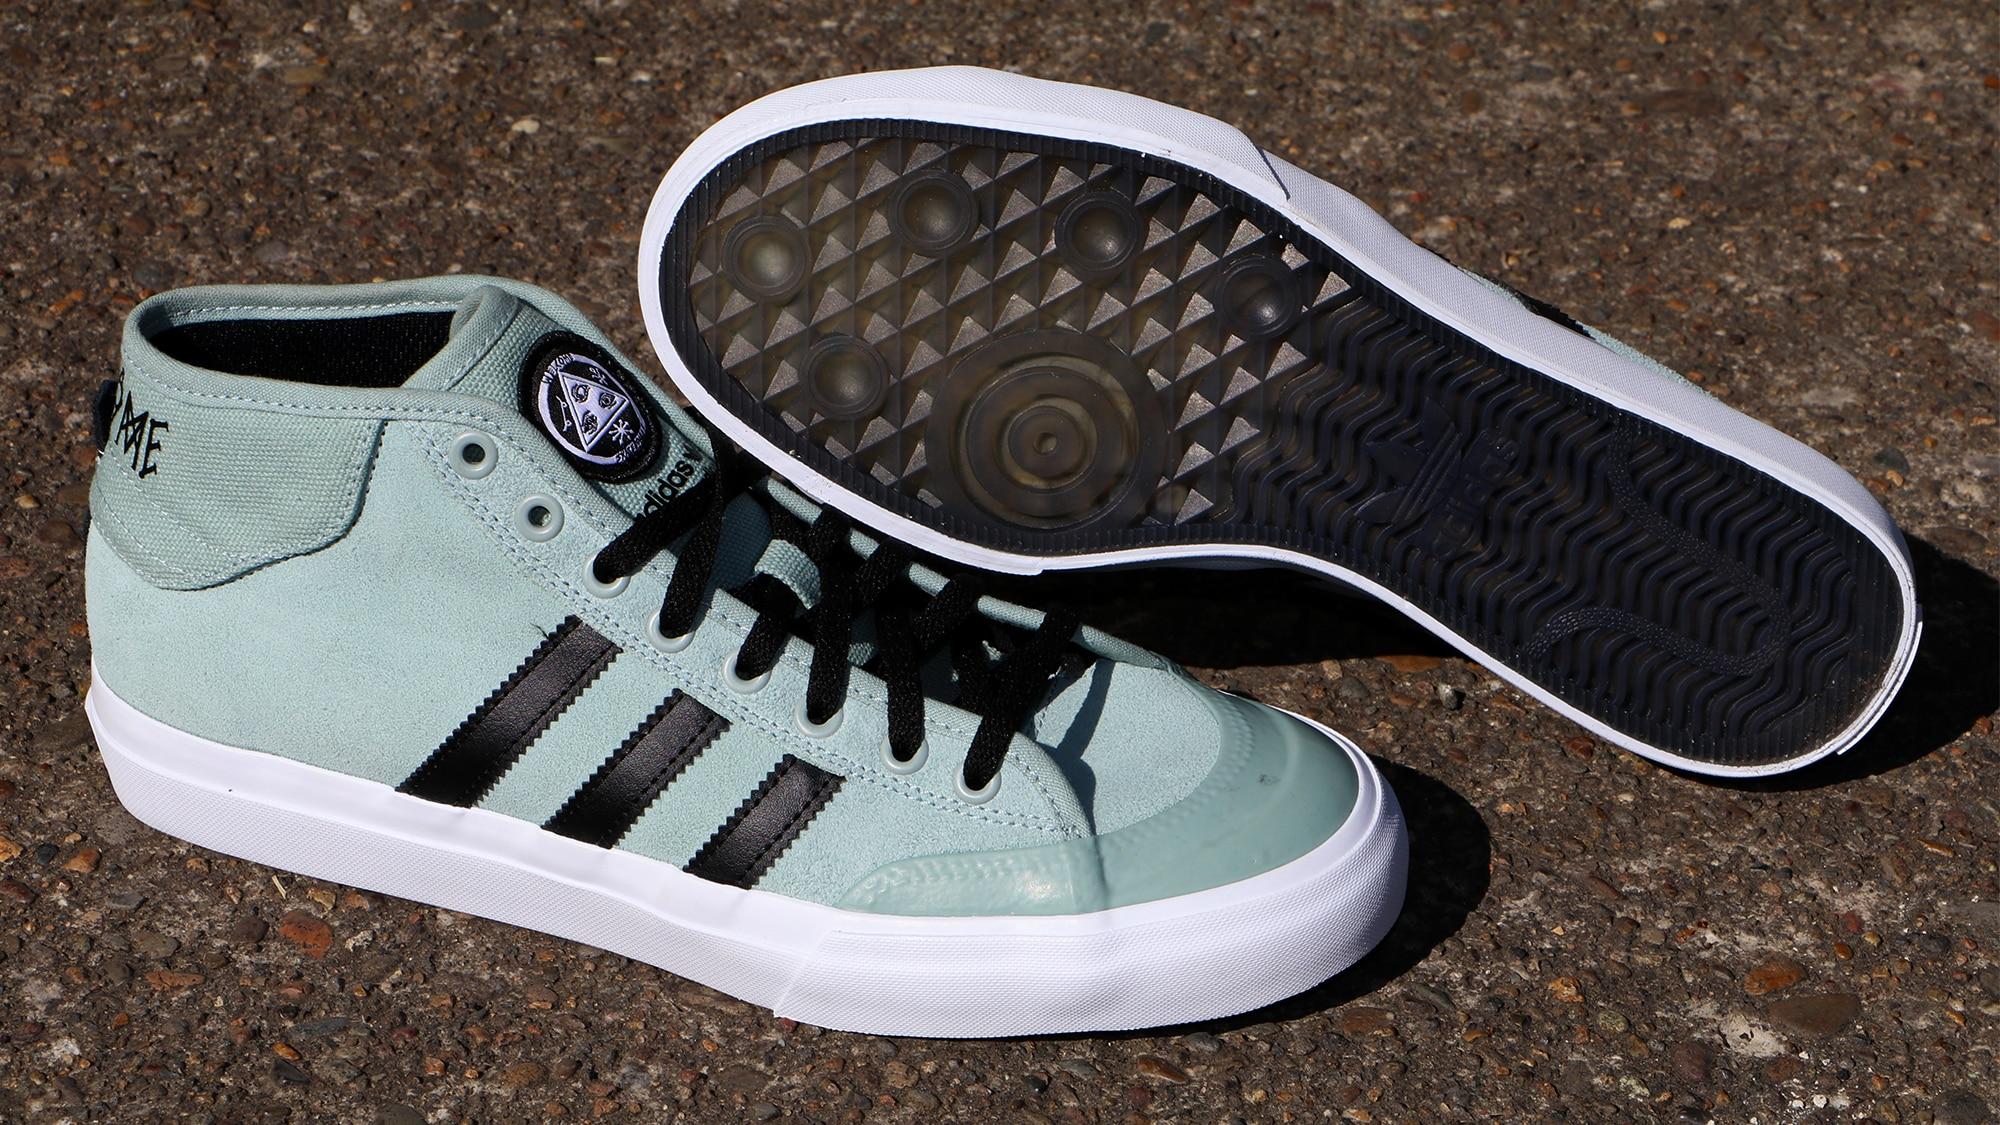 Best Vans Shoes For Skateboarding